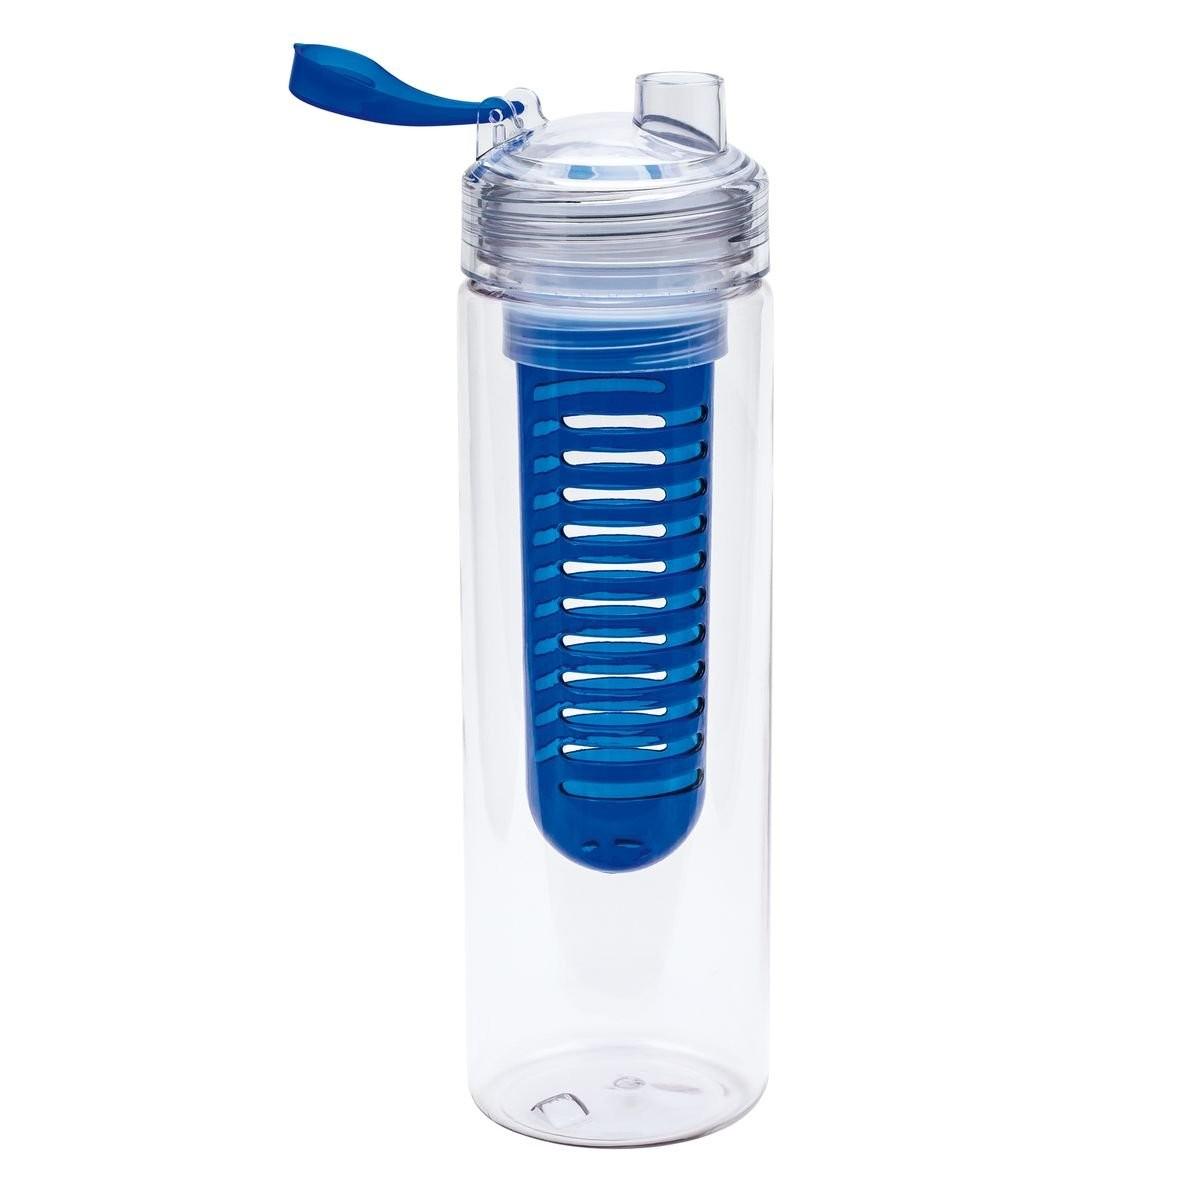 Trinkflasche mit Fruchtbehälter REFLECTS-JOLIETTA, Ansicht 3